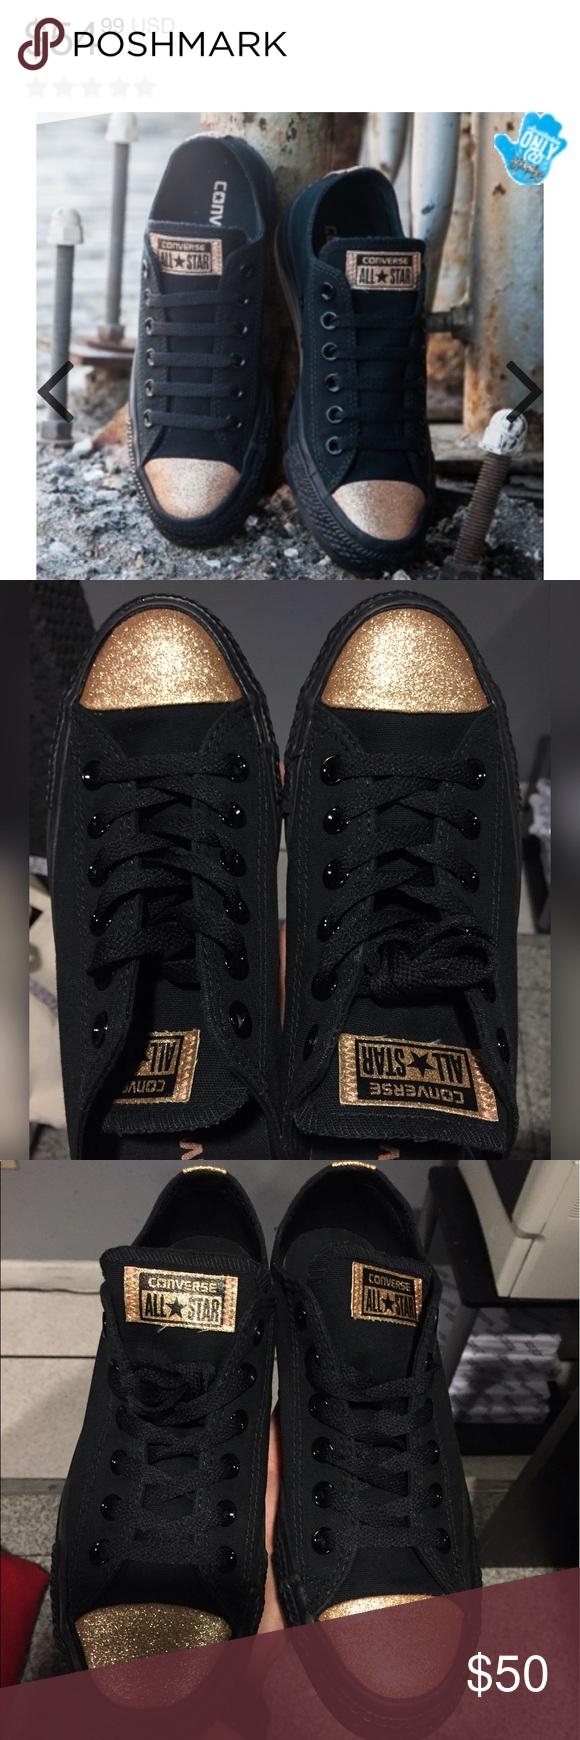 Black \u0026 Gold - ✨Glitter Toe✨ - Converse